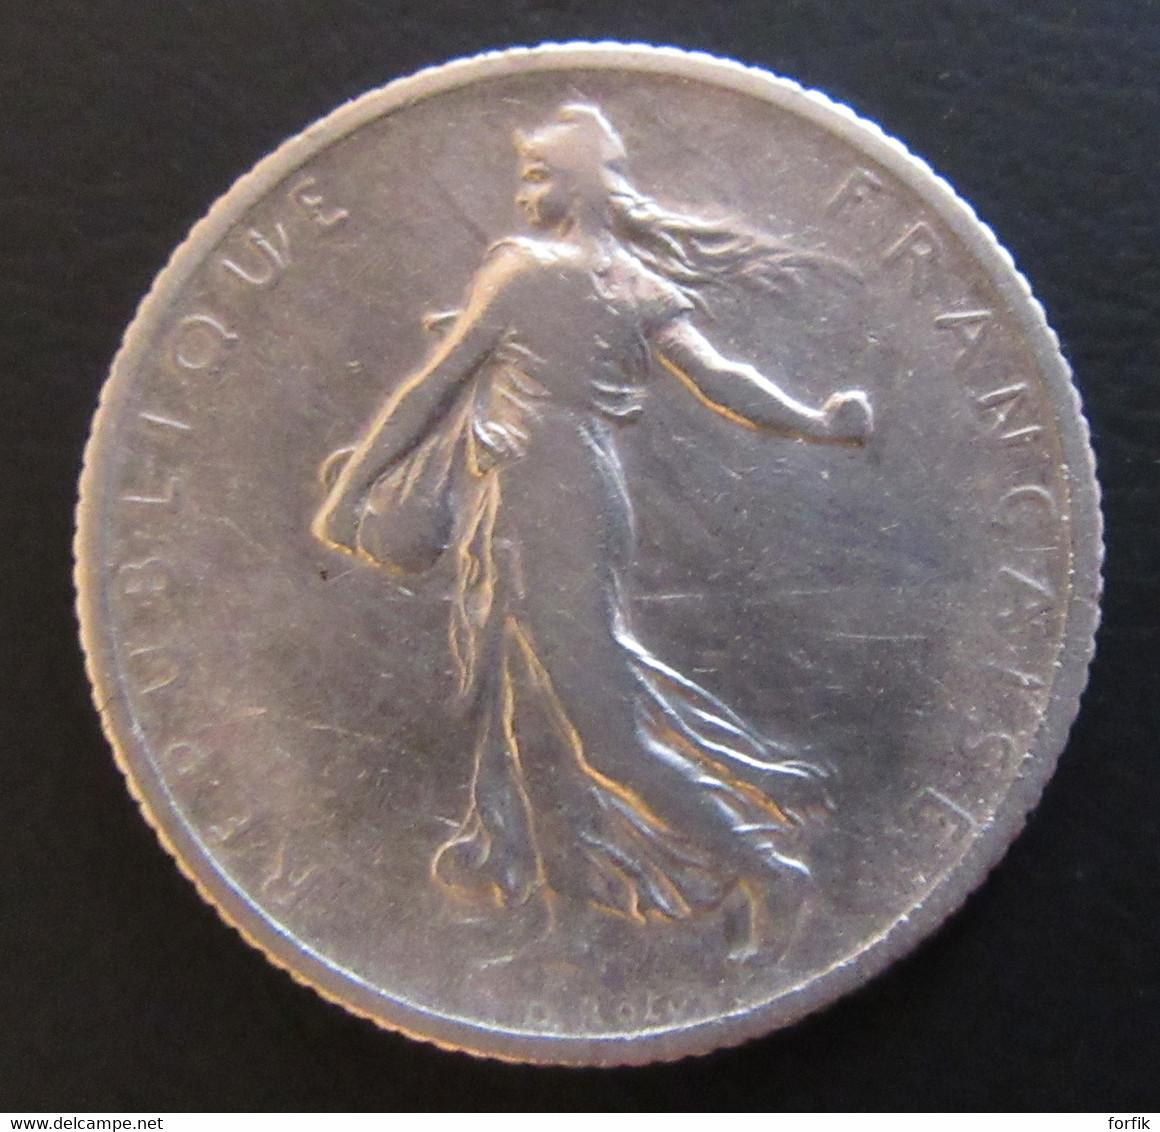 France - Monnaie 1 Franc Semeuse 1905 En Argent - H. 1 Franc